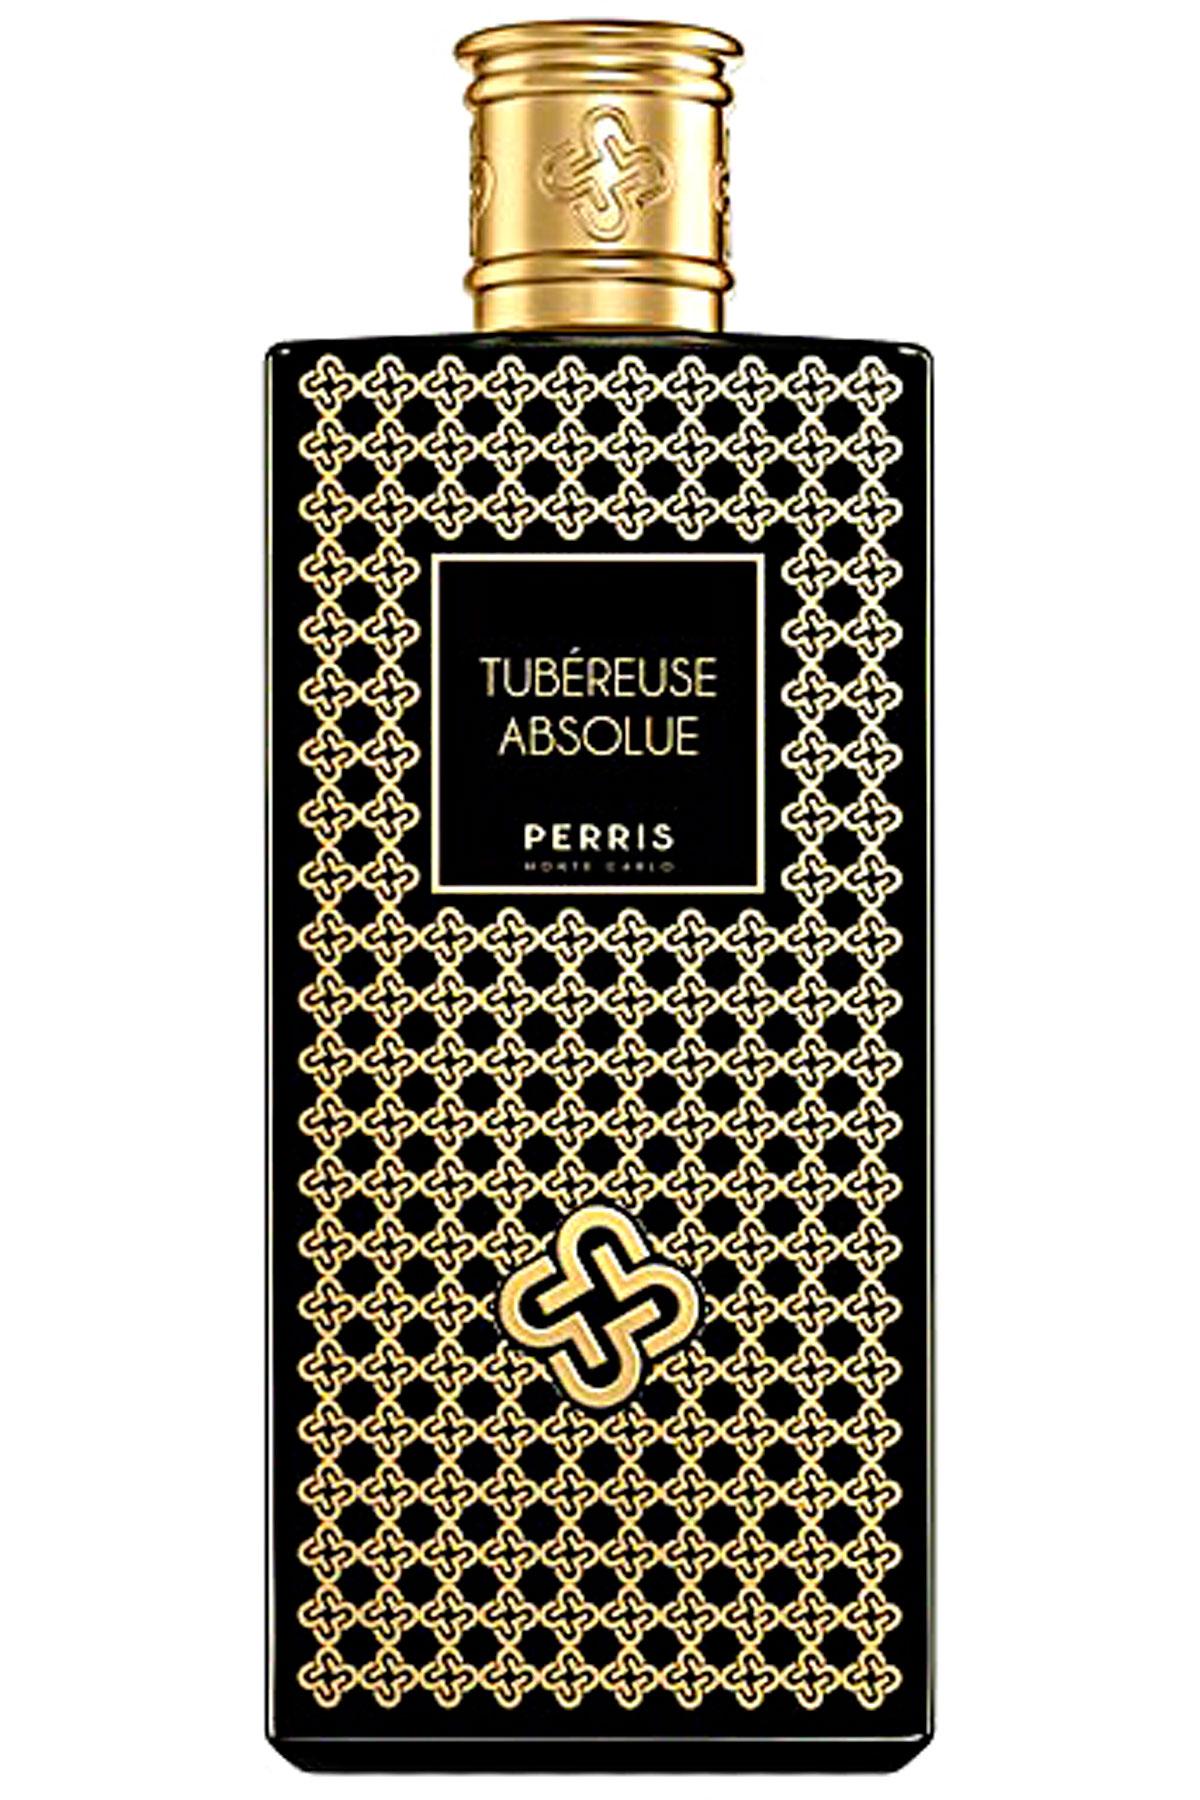 Perris Monte Carlo Fragrances for Men, Tubereuse Absolue - Eau De Parfum - 100 Ml, 2019, 100 ml